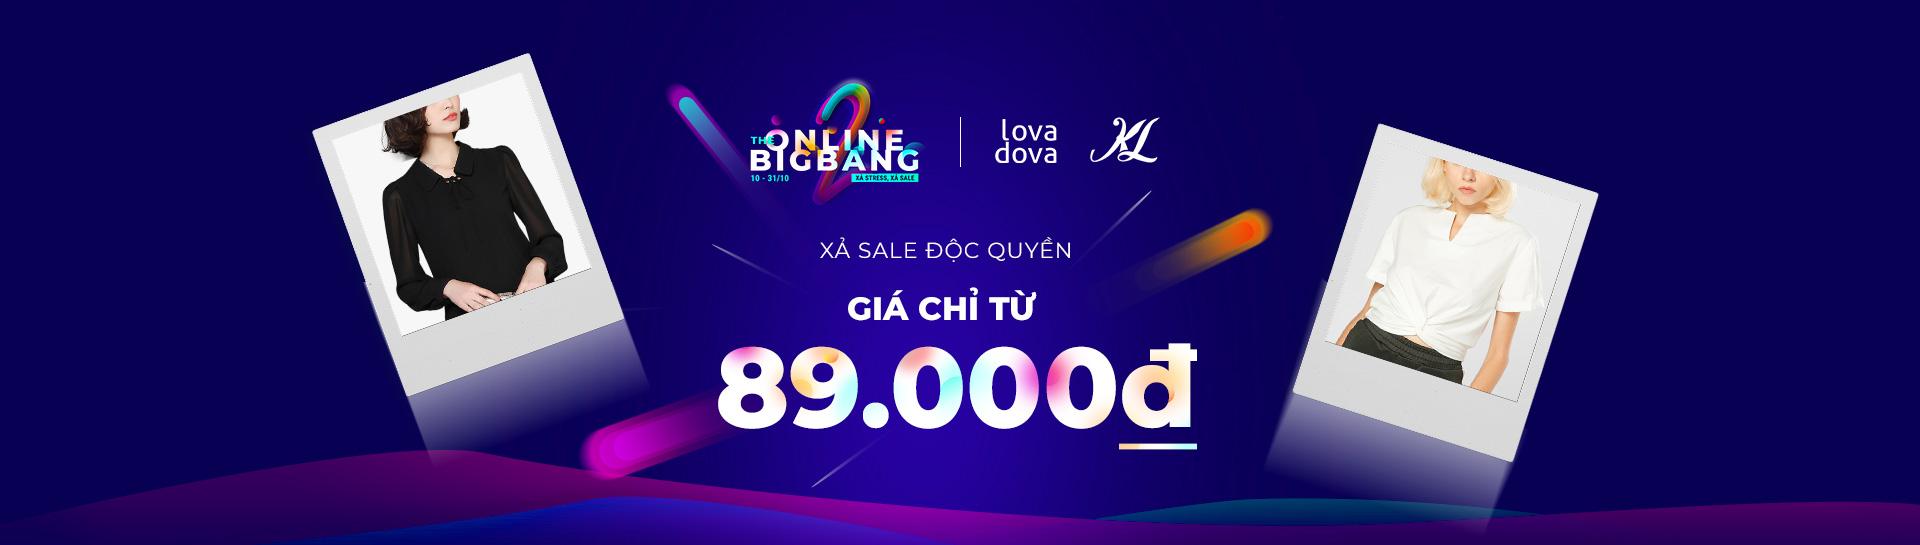 Lovadova - Đồng giá 169k-189k